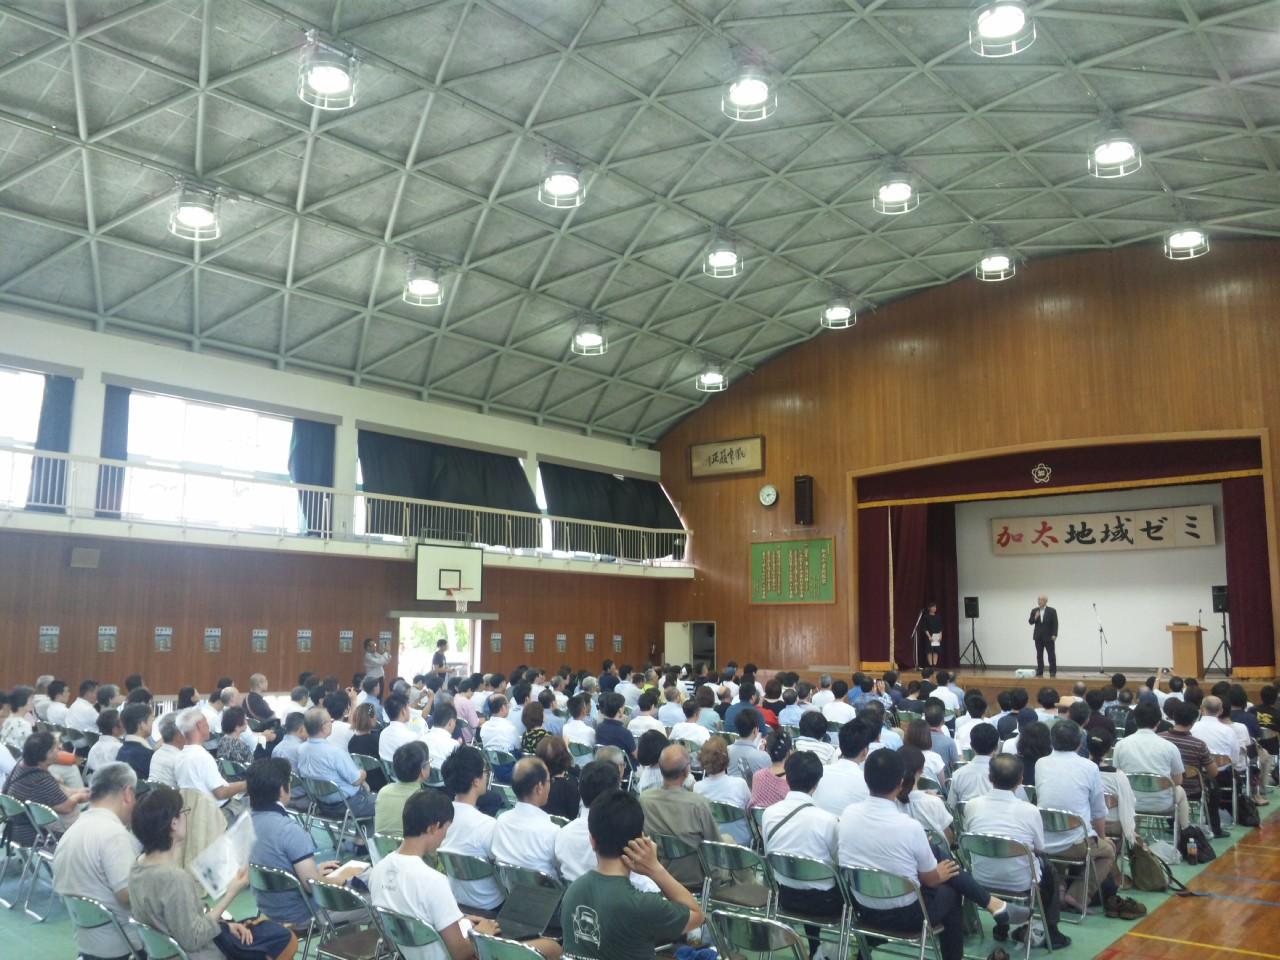 本日は、加太デー!加太小学校の体育館がいっぱい!地域ゼミ(<br />  大学っぽい)<br />   「神っている」と自治会長さん